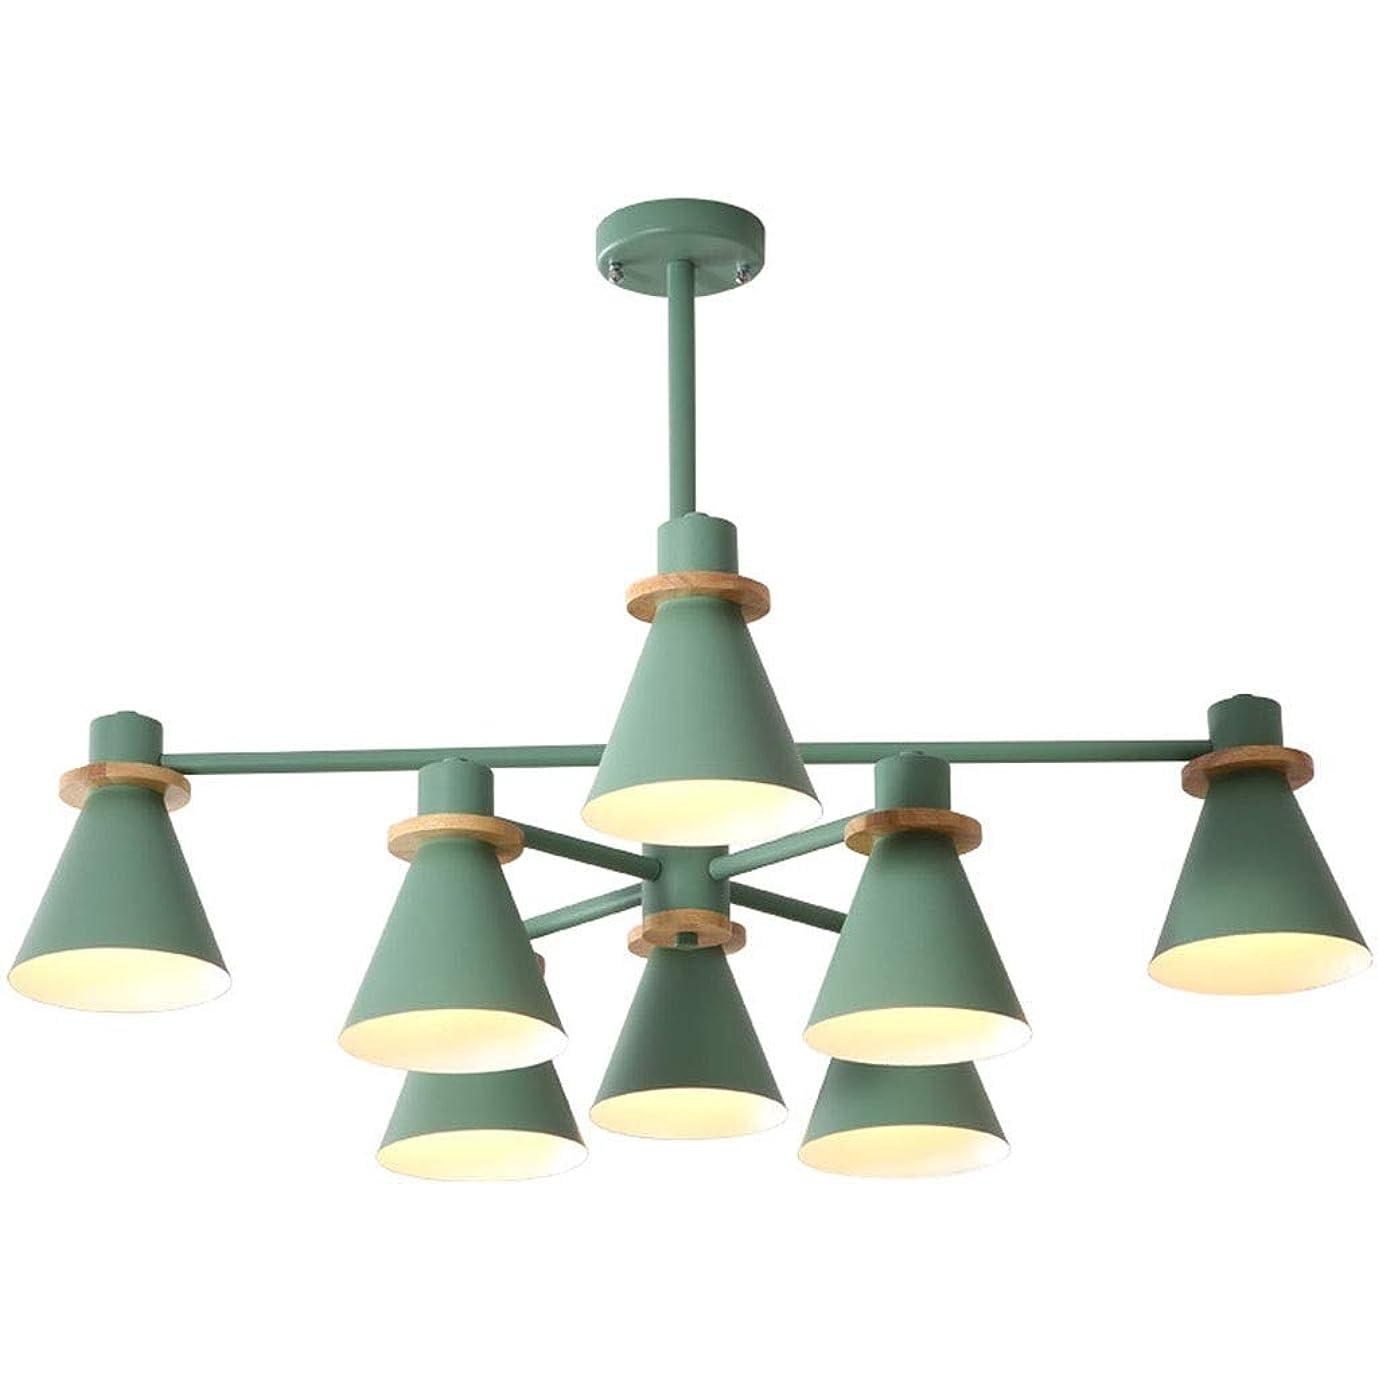 渇き何十人も頼む123 天井のシャンデリア-8ランプウッドとメタルグリーンLEDフィクスチャ用ルームベッドルームペンダントライト装飾 456 (Color : A)